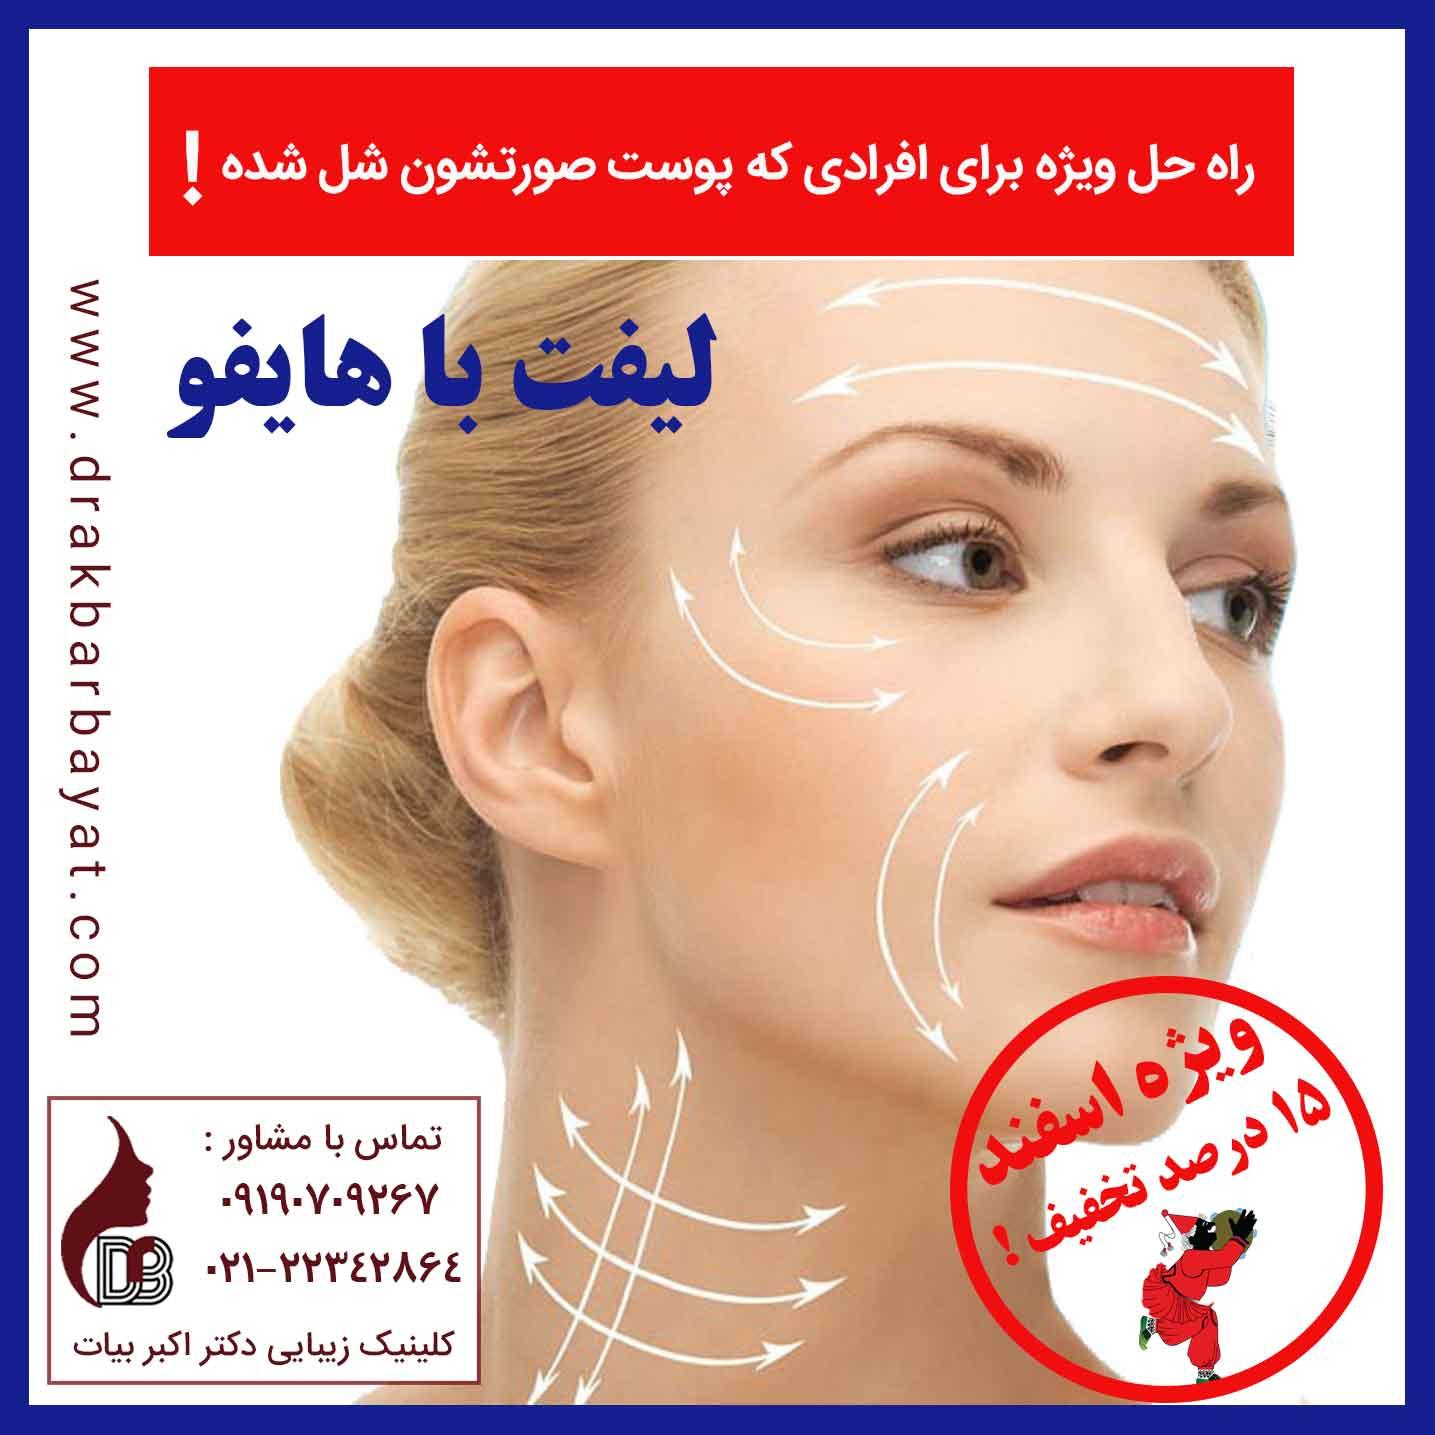 تخفیف هایفو | کلینیک زیبایی دکتر بیات